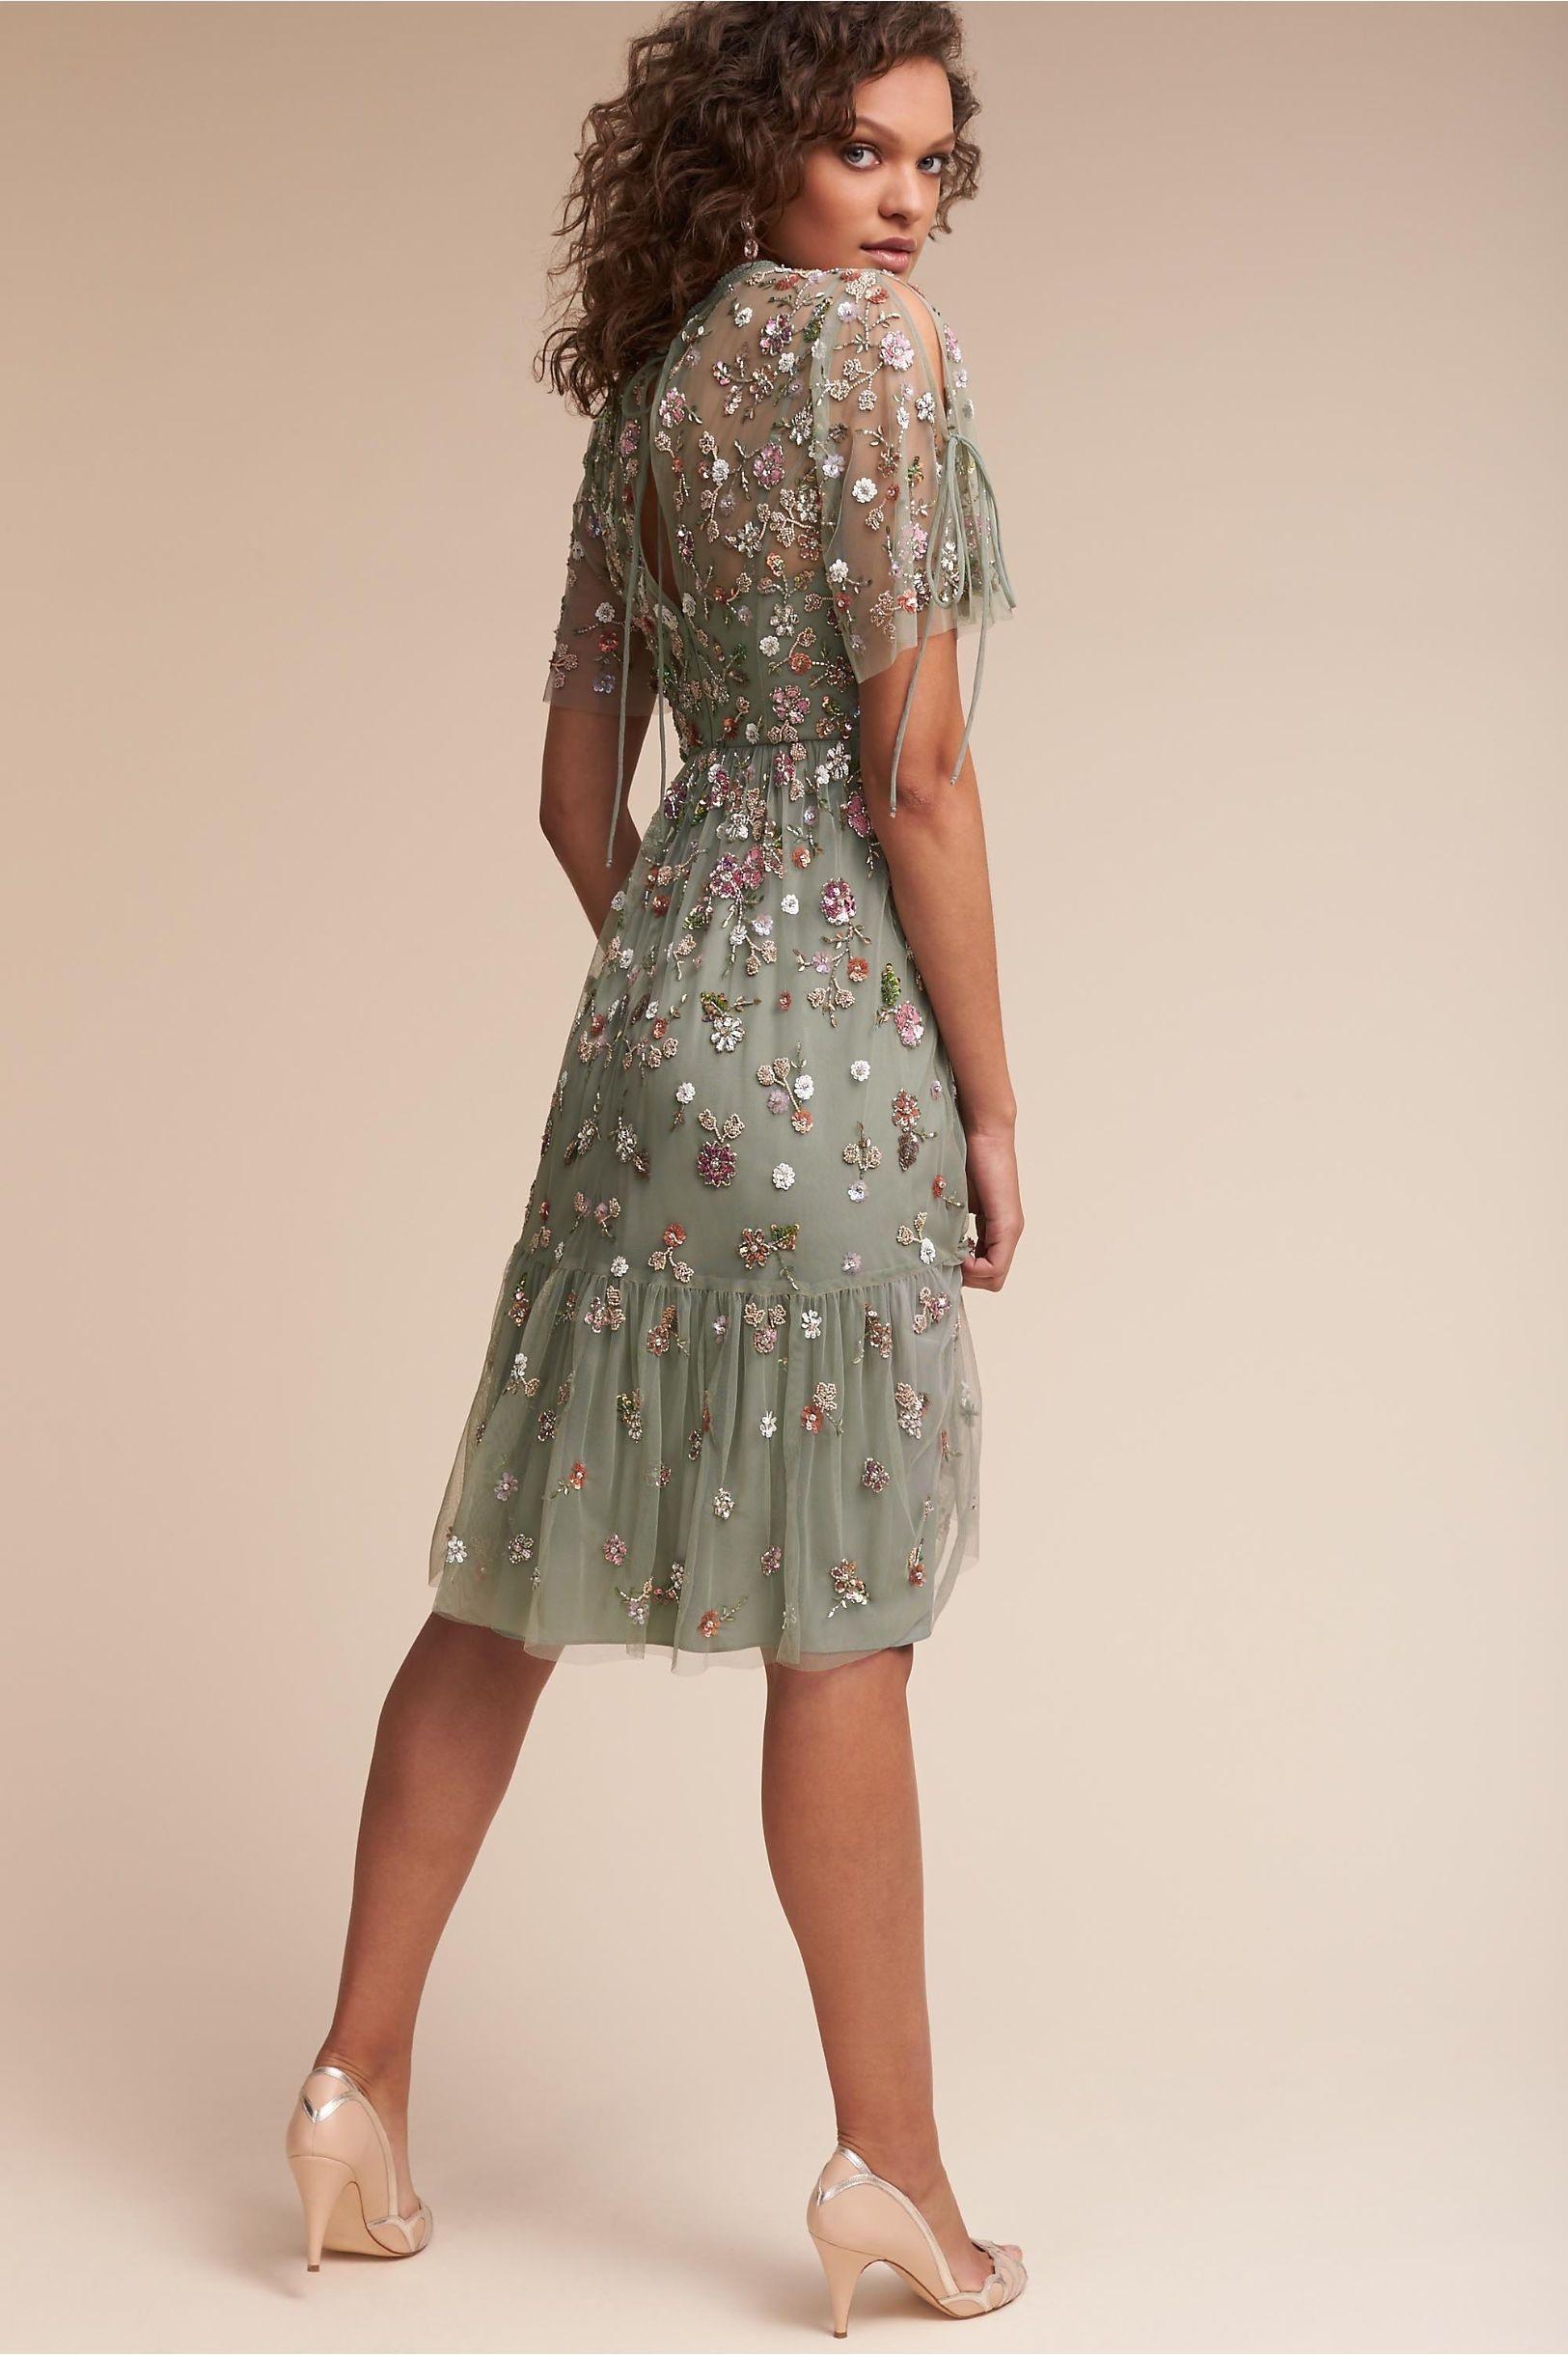 13 Elegant Schicke Kleider Ärmel17 Luxurius Schicke Kleider Galerie